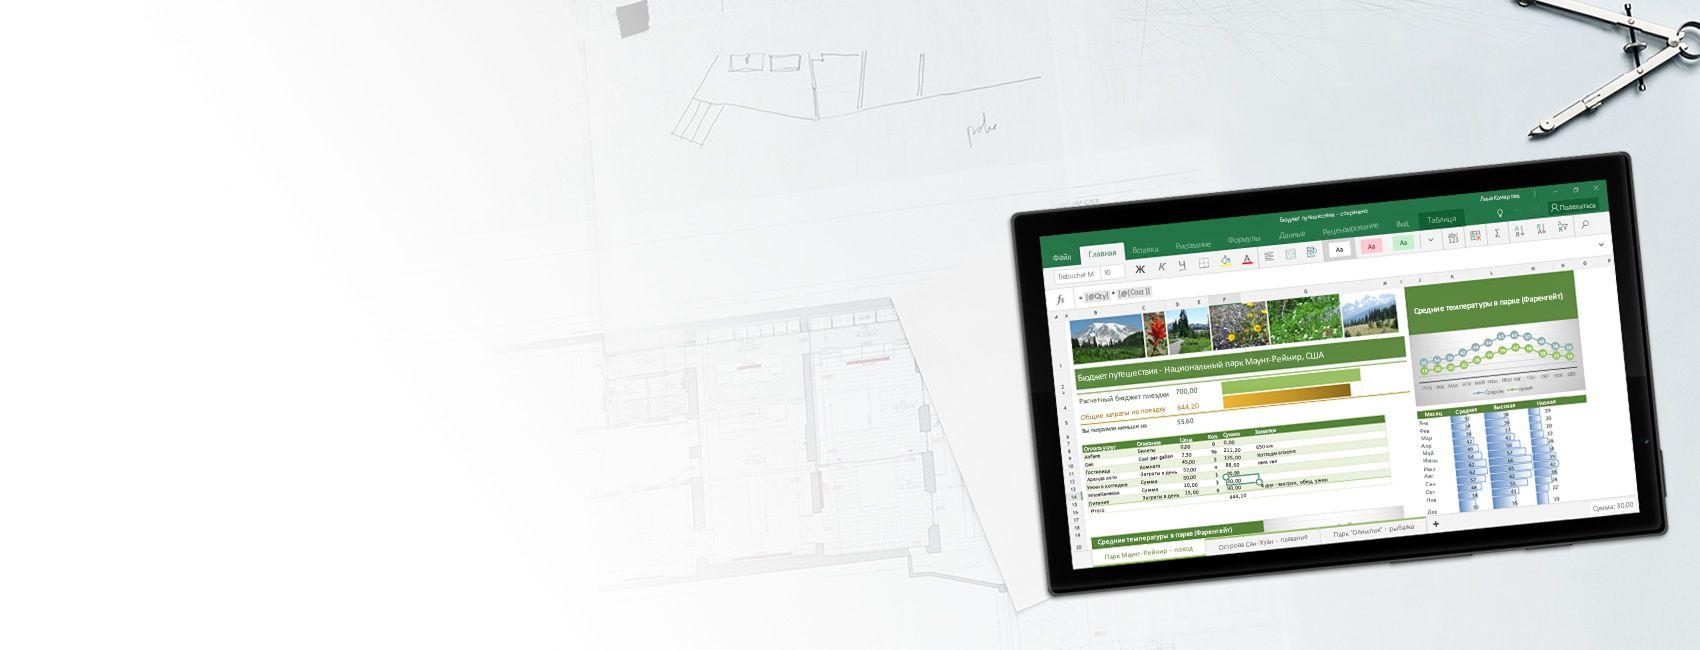 Планшет с Windows, на экране которого— электронная таблица Excel для Windows10 Mobile с образцом диаграммы и отчетом с бюджетом поездки.